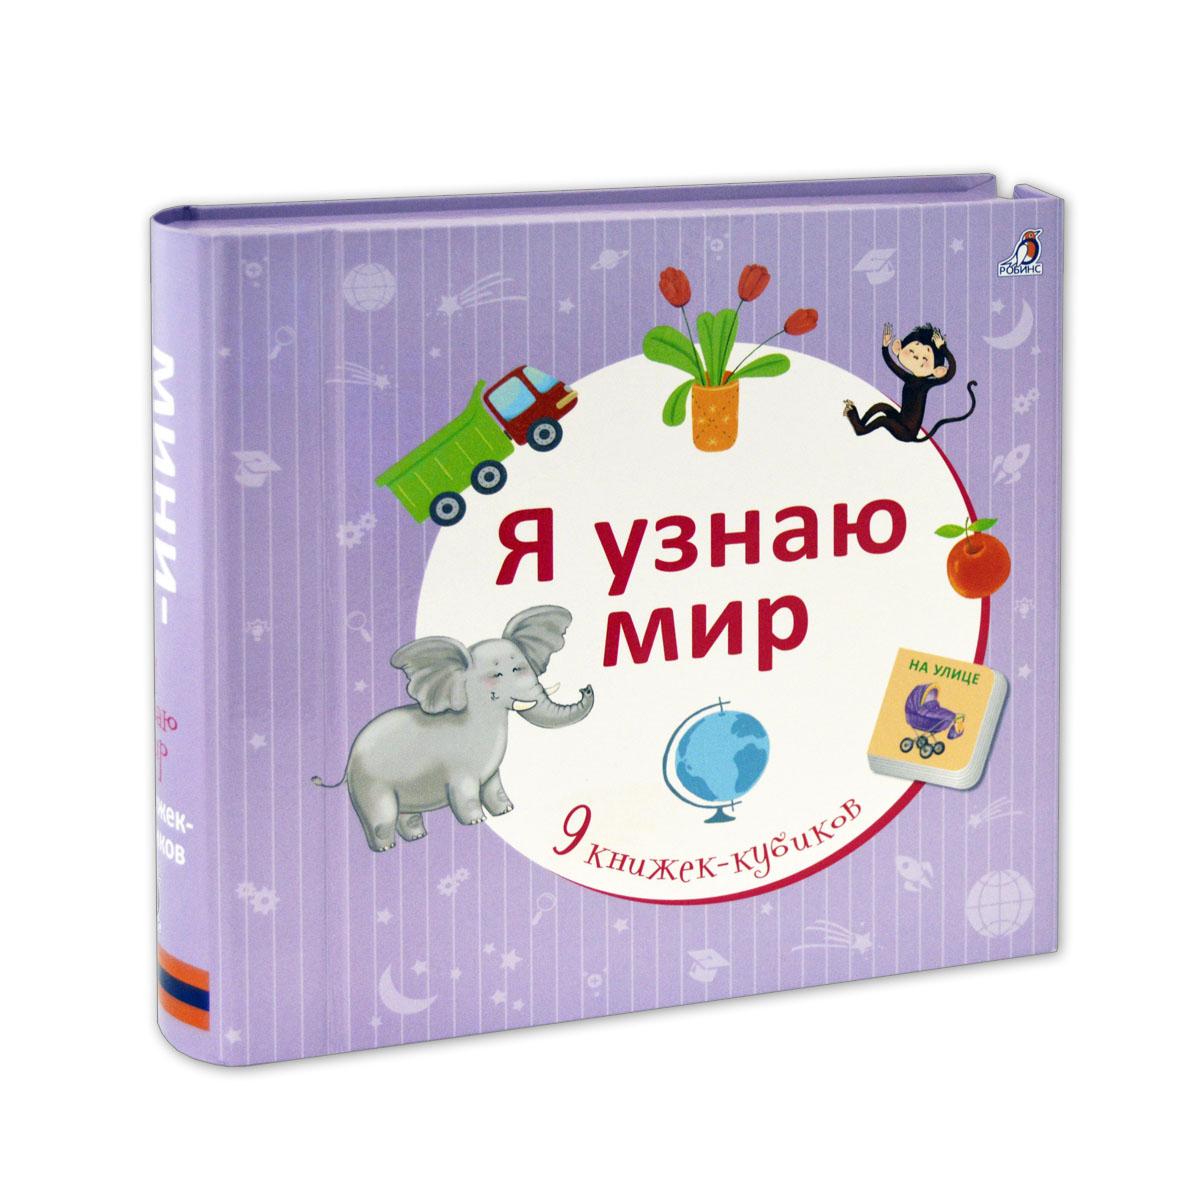 Я узнаю мир (комплект из 9 книжек-кубиков)12296407Я узнаю мир - игровой обучающий набор книжек-кубиков предназначен для малышей, которые только начинают познавать мир и произносить первые слова. Внутри вы найдете 9 мини-книжек на самые первые развивающие темы. 90 ярких картинок, разбитых на темы, познакомят малыша с окружающим миром и помогут запомнить новые слова. Собирайте из кубиков пирамидки, играйте с книжками как с погремушками, рассматривайте картинки и учитесь произносить новые слова, развивайте цветовосприятие с помощью основных цветов, нанесенных на оборотные стороны кубиков. В чем особенность книги: Удобная форма коробки для игры с ребёнком. Каждая книжка-погремушка сделана из очень плотного материала со скругленными уголками, поэтому малышу будет непросто порвать или испортить их, а так же пораниться. Книжками-погремушками можно греметь и трещать (сложив первую и последнюю страницу вместе), как музыкальными инструментами. ...